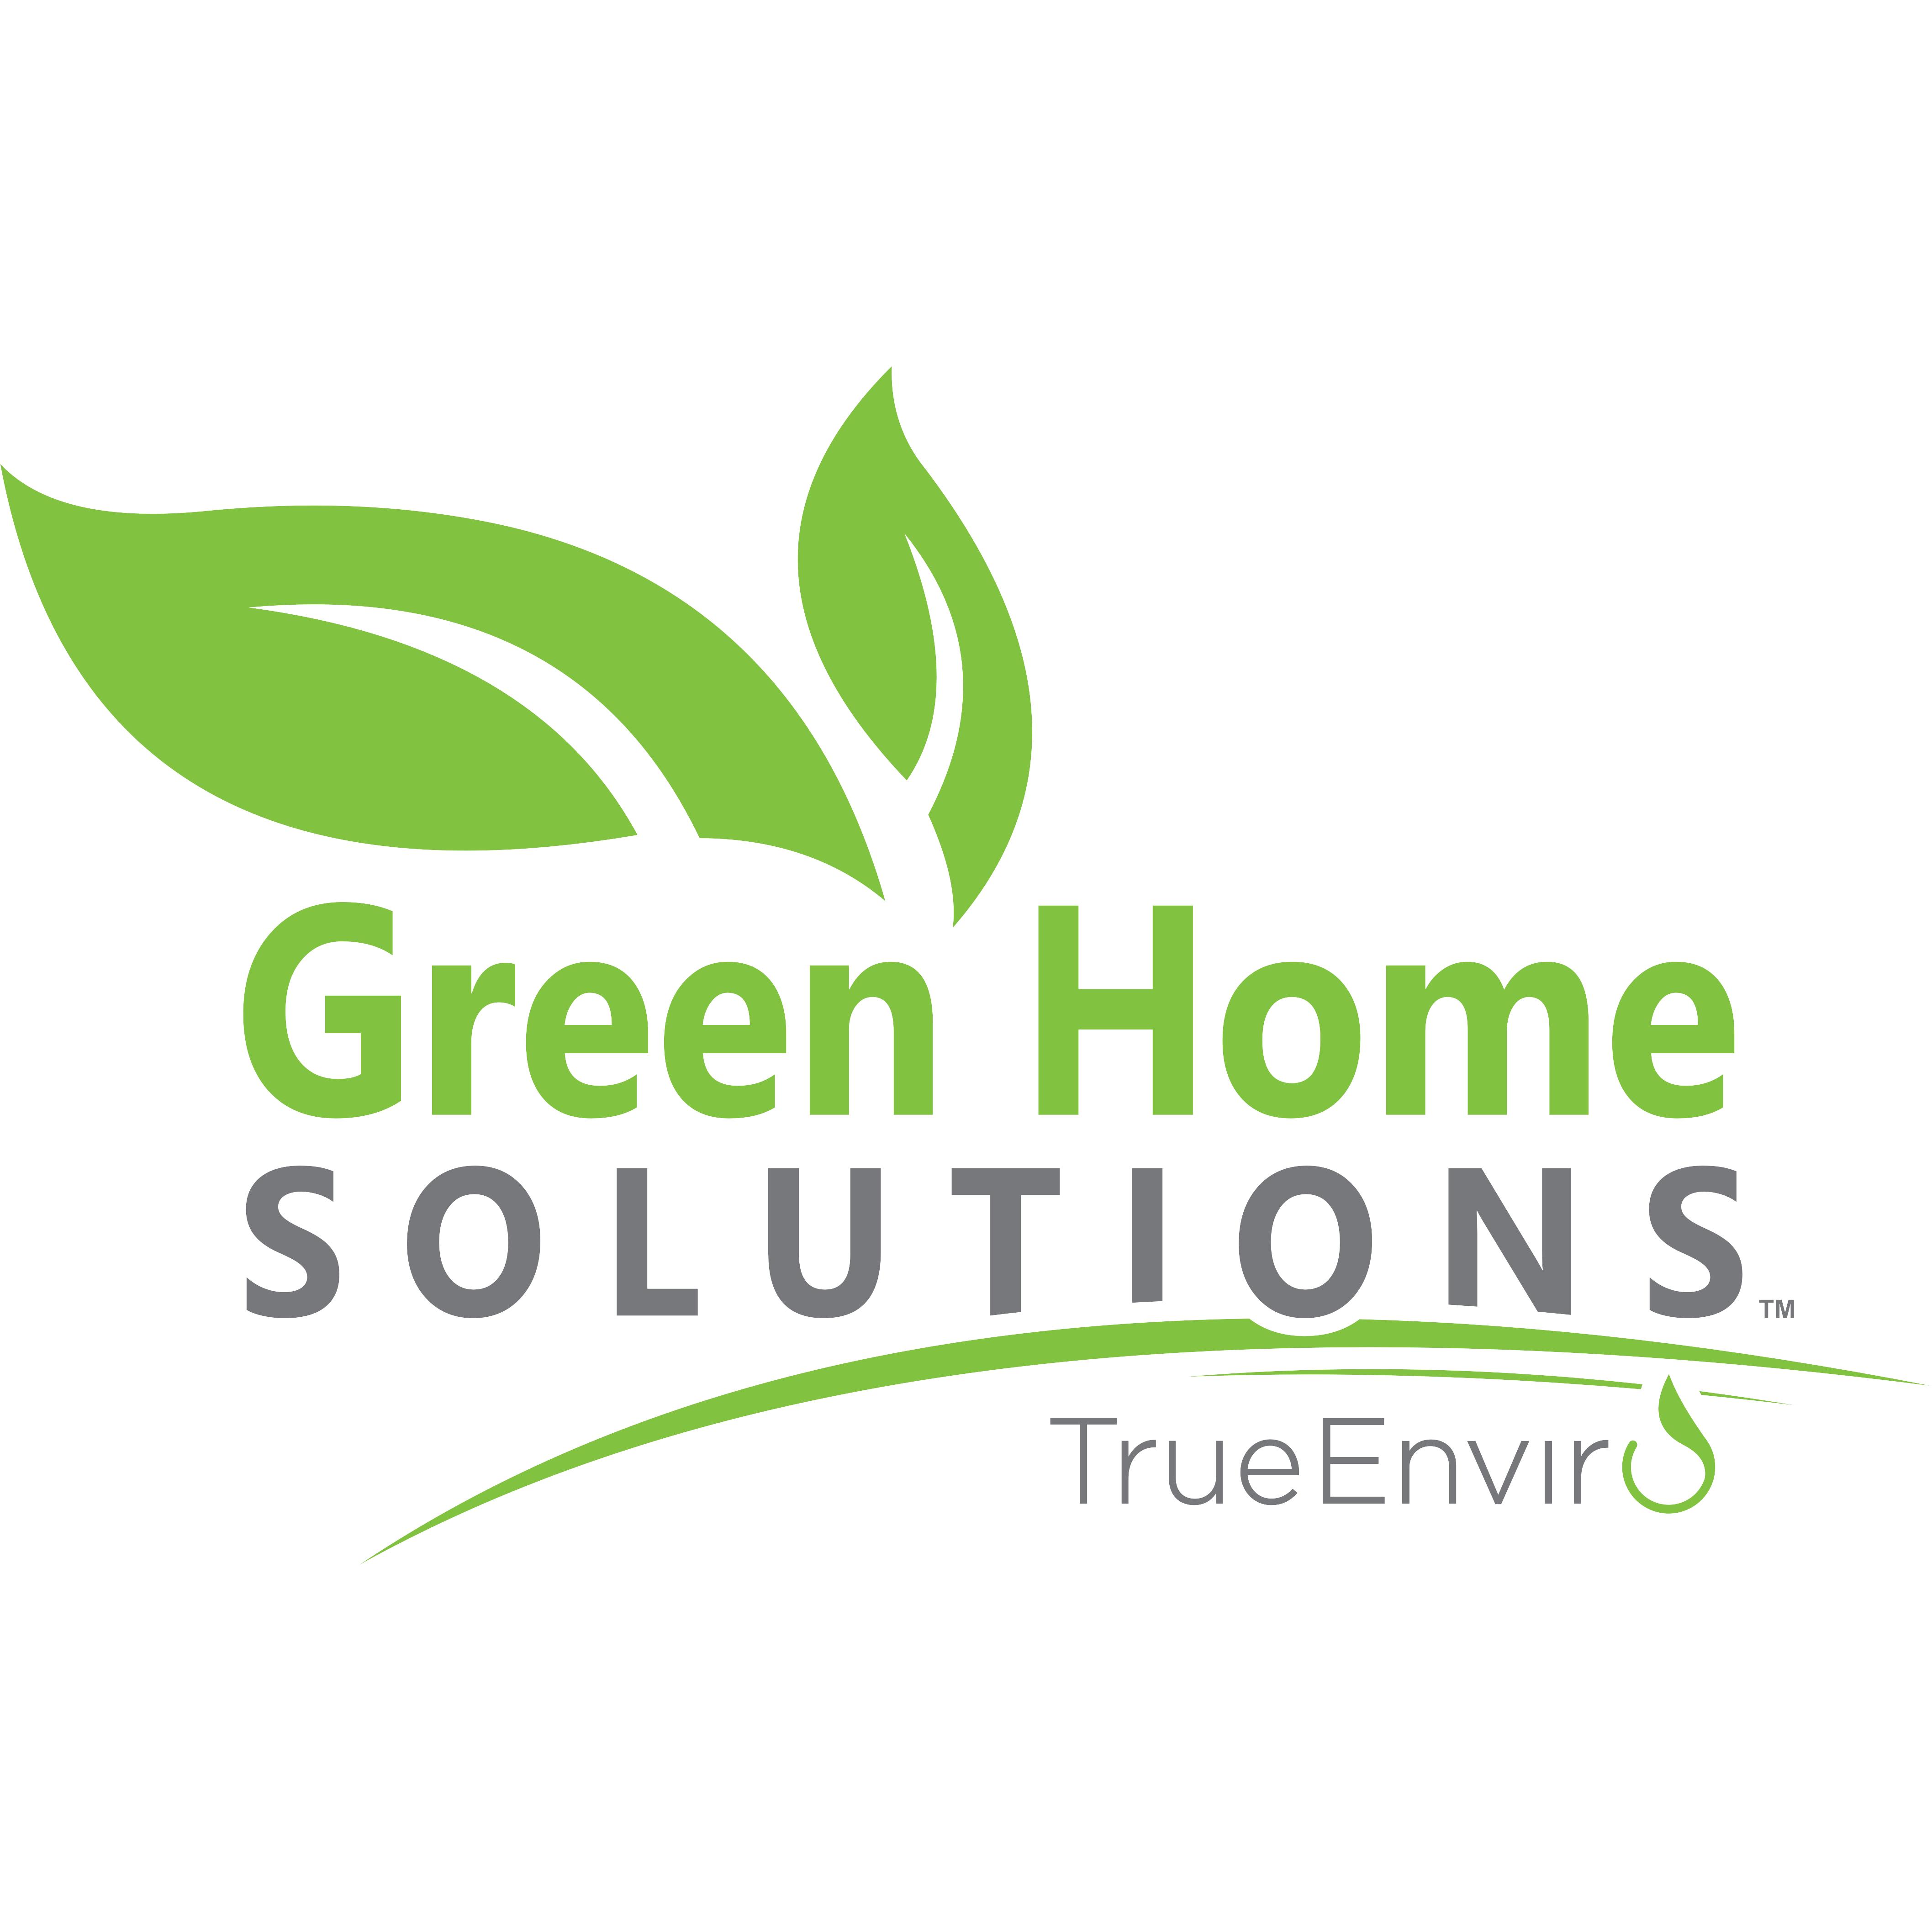 Green Home Solutions TrueEnviro Sacramento Logo